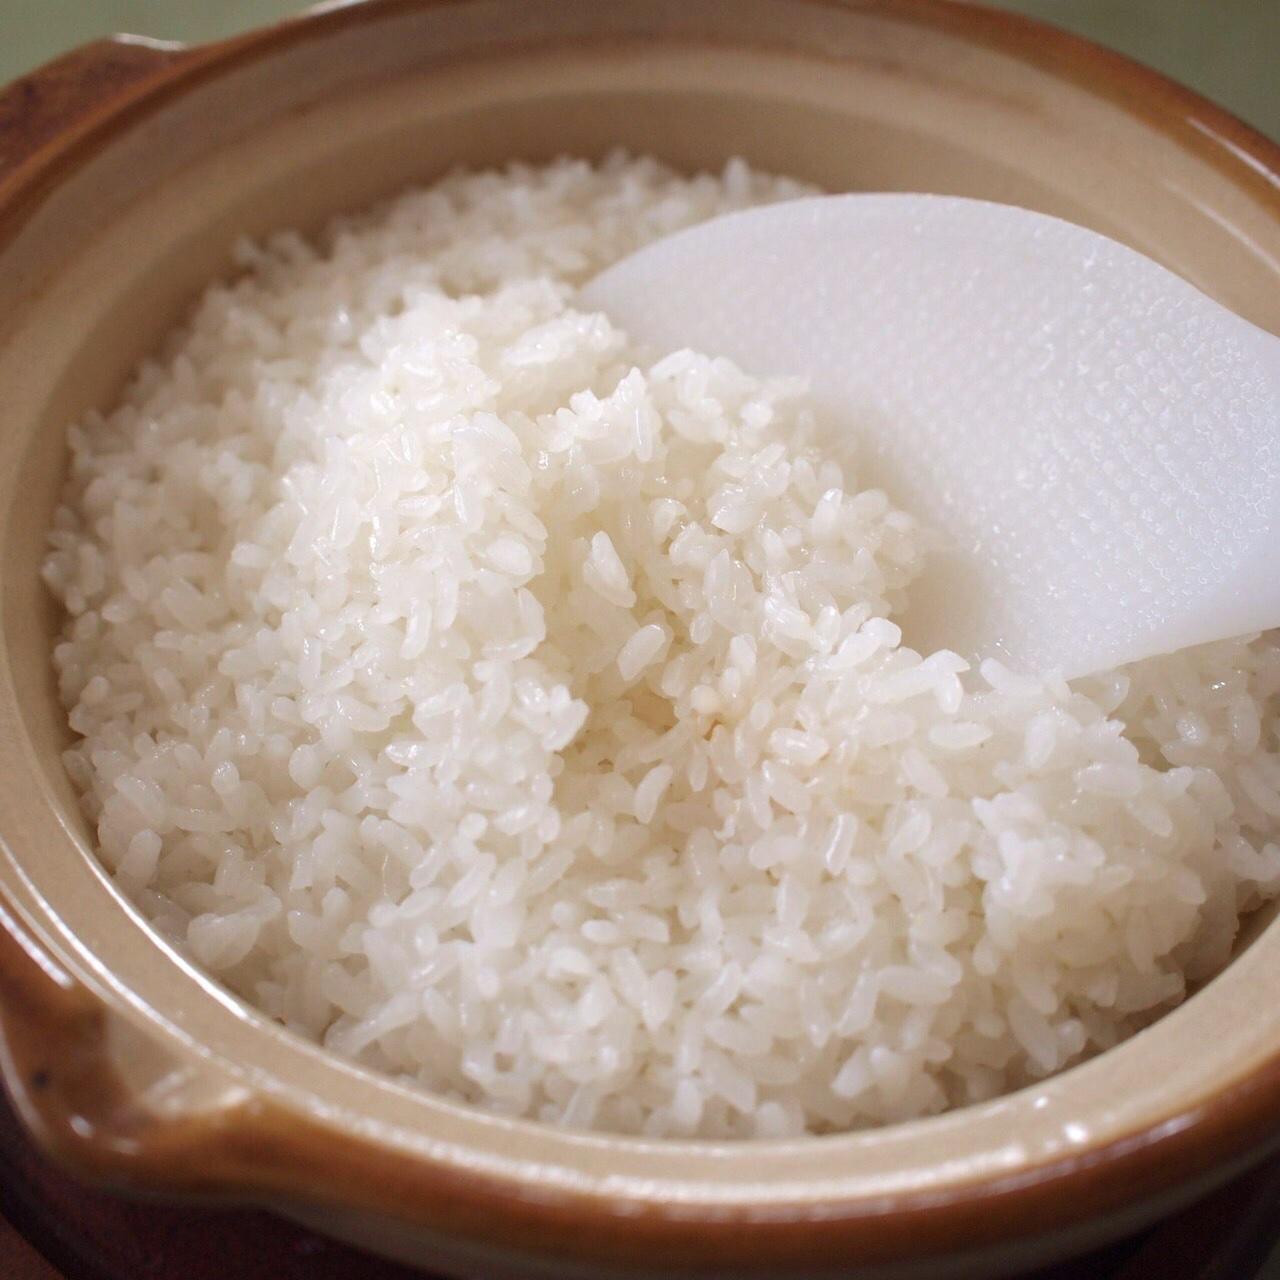 樫村ふぁーむの旬の野菜お任せBOX+コシヒカリ2kg 野菜6~8品、米2kg 野菜/セット・詰め合わせ通販